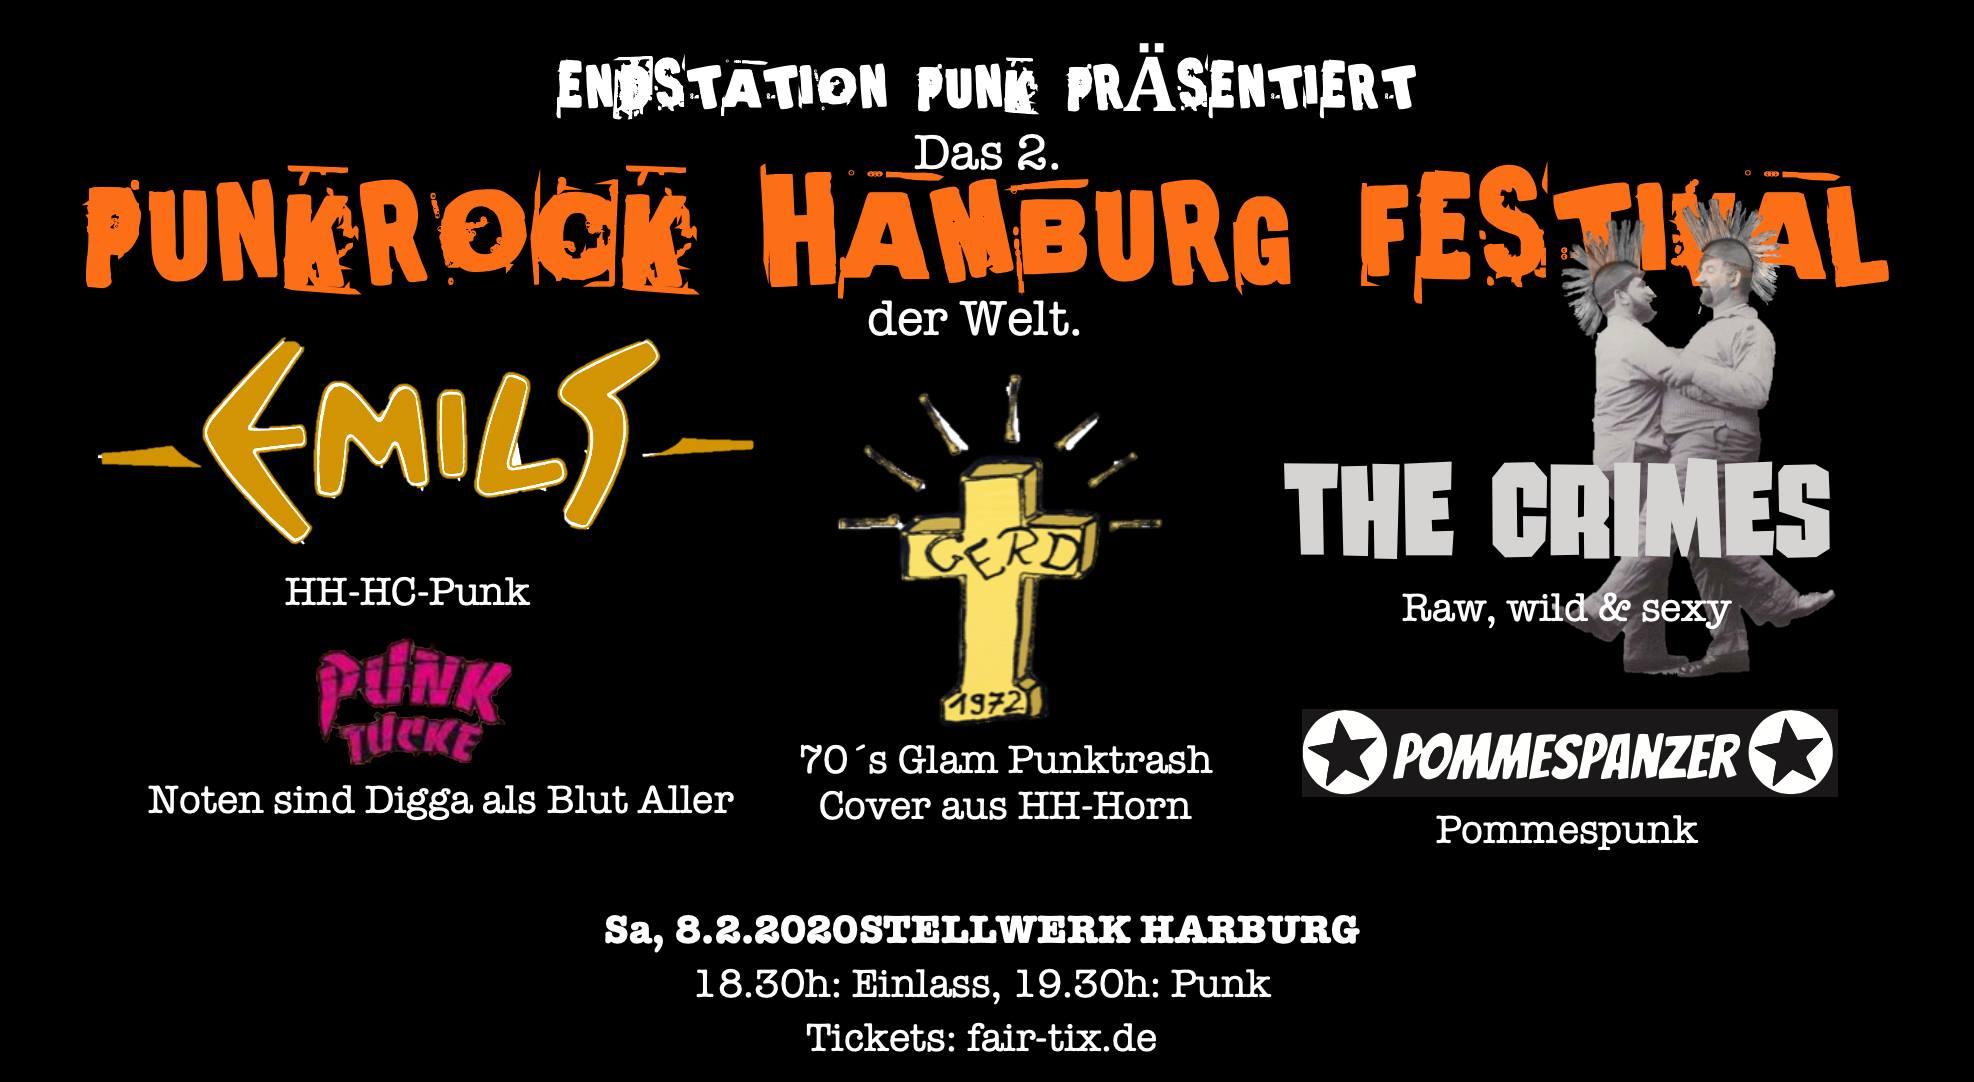 Sold out ! - Das 2. Punkrock Hamburg Festival der Welt